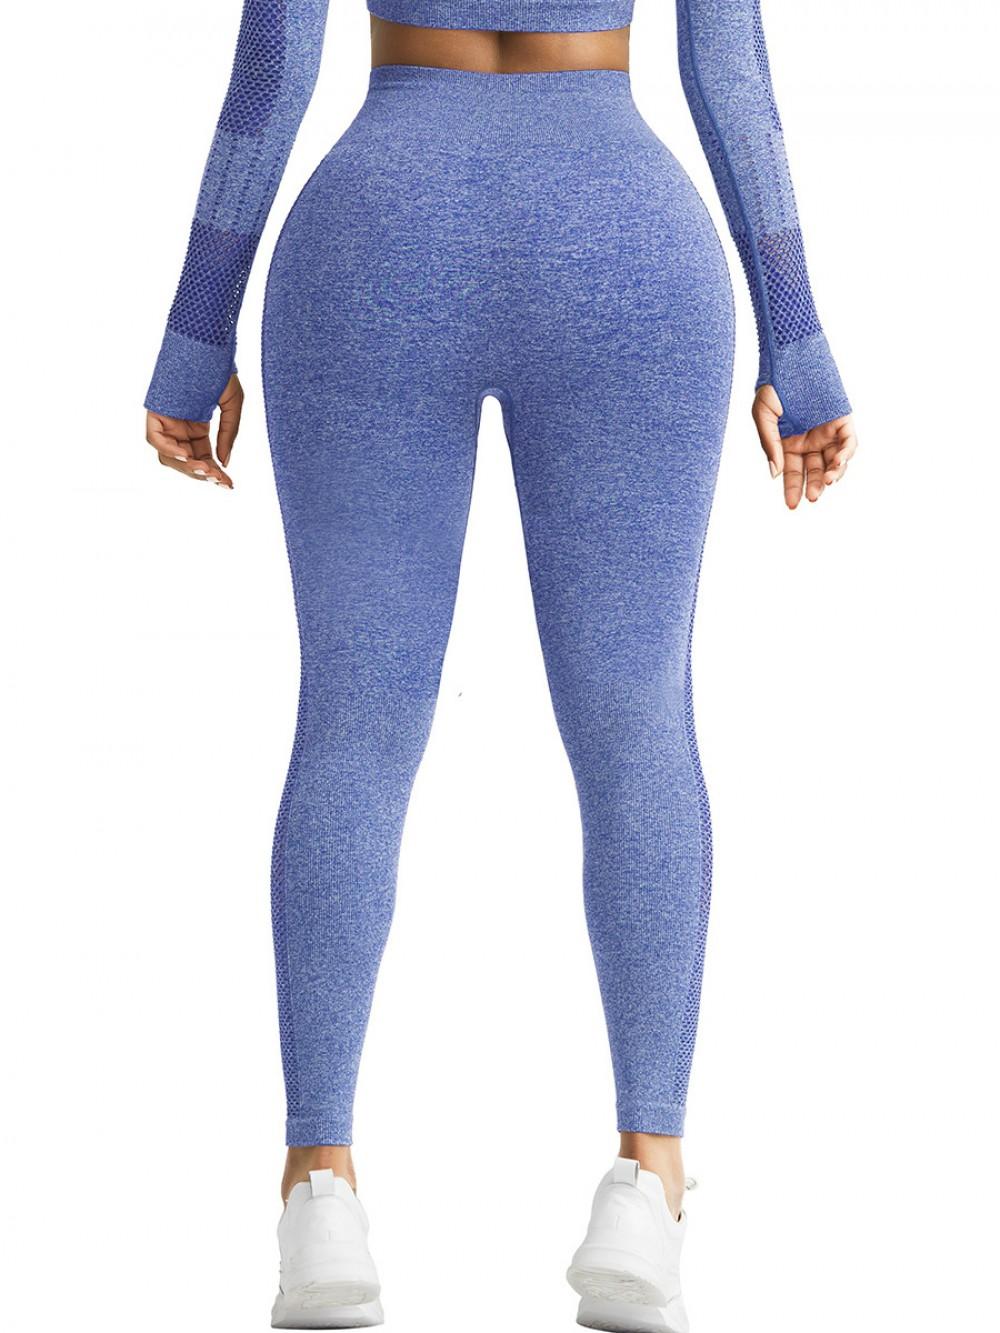 Ingenious Royal Blue Ankle Length Yoga Leggings Stripe Mesh Feminine Elegance